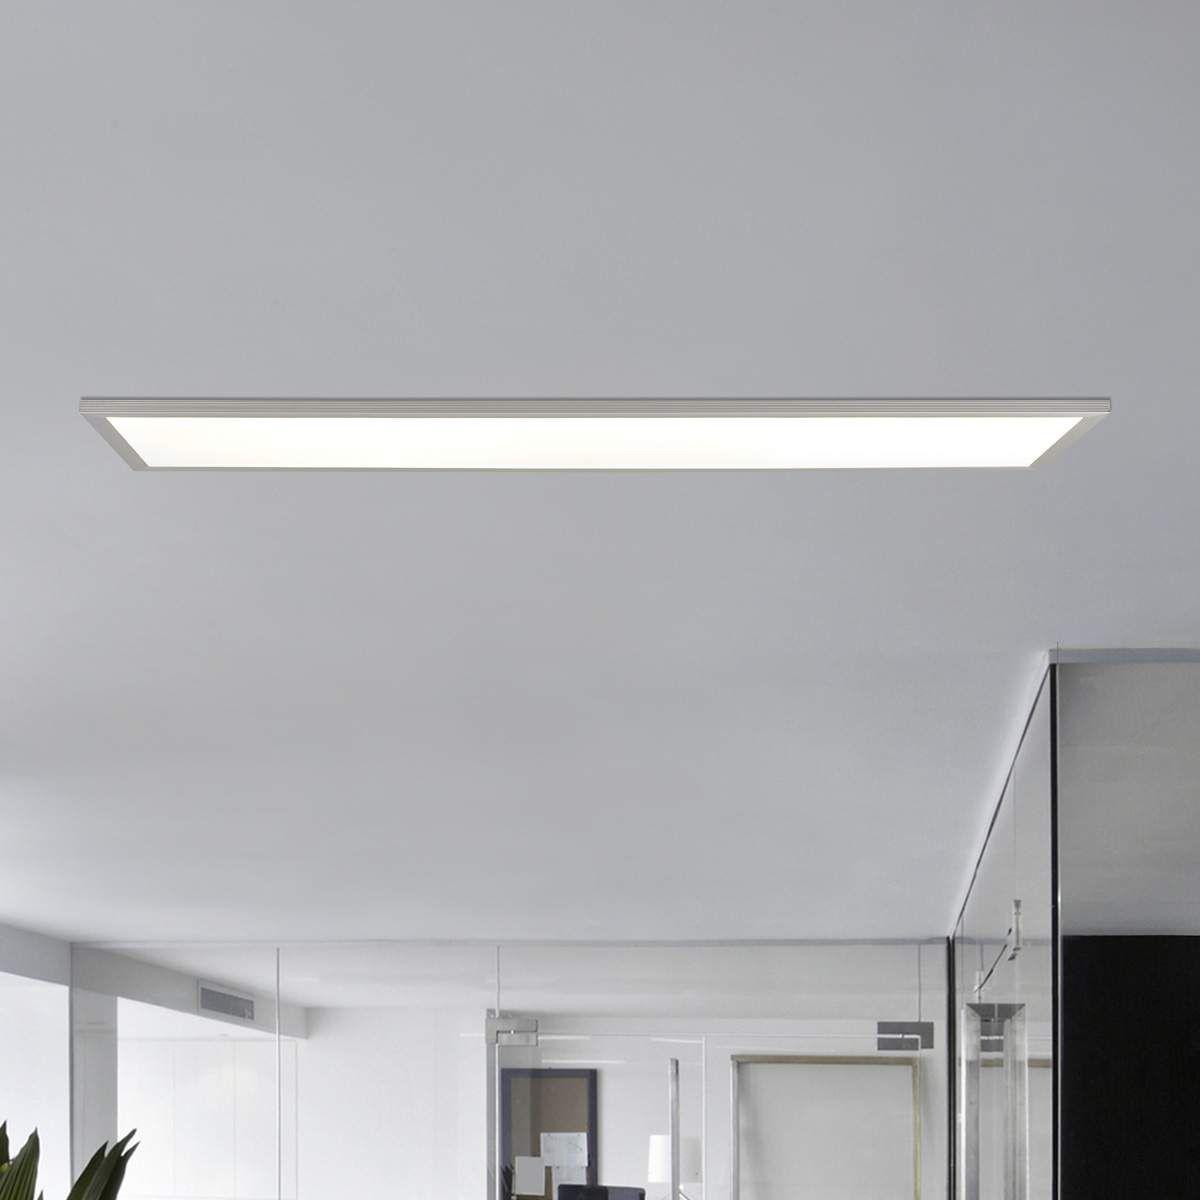 Led Panel All In One 120x30cm 5 300k In 2020 Verkleidung Deckenleuchten Led Leuchten